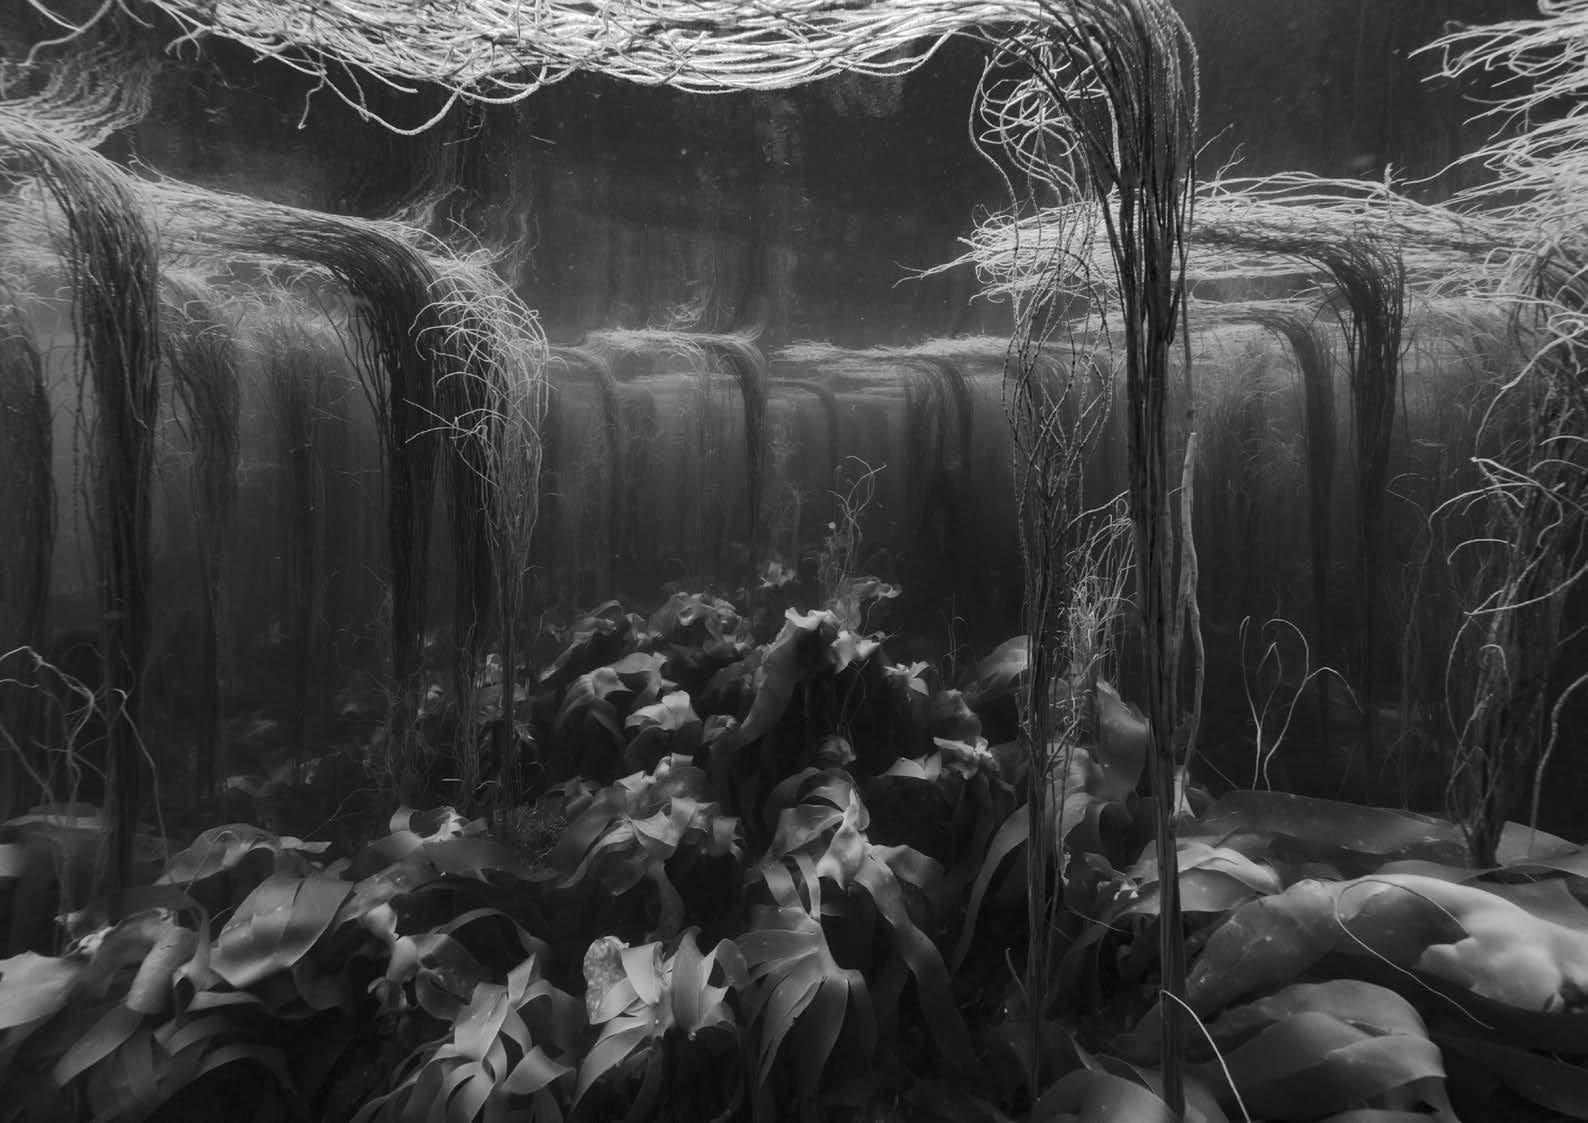 © Nicolas Floc'h_Paysages productifs, Initium Maris, Audierne, - 8m, 2019